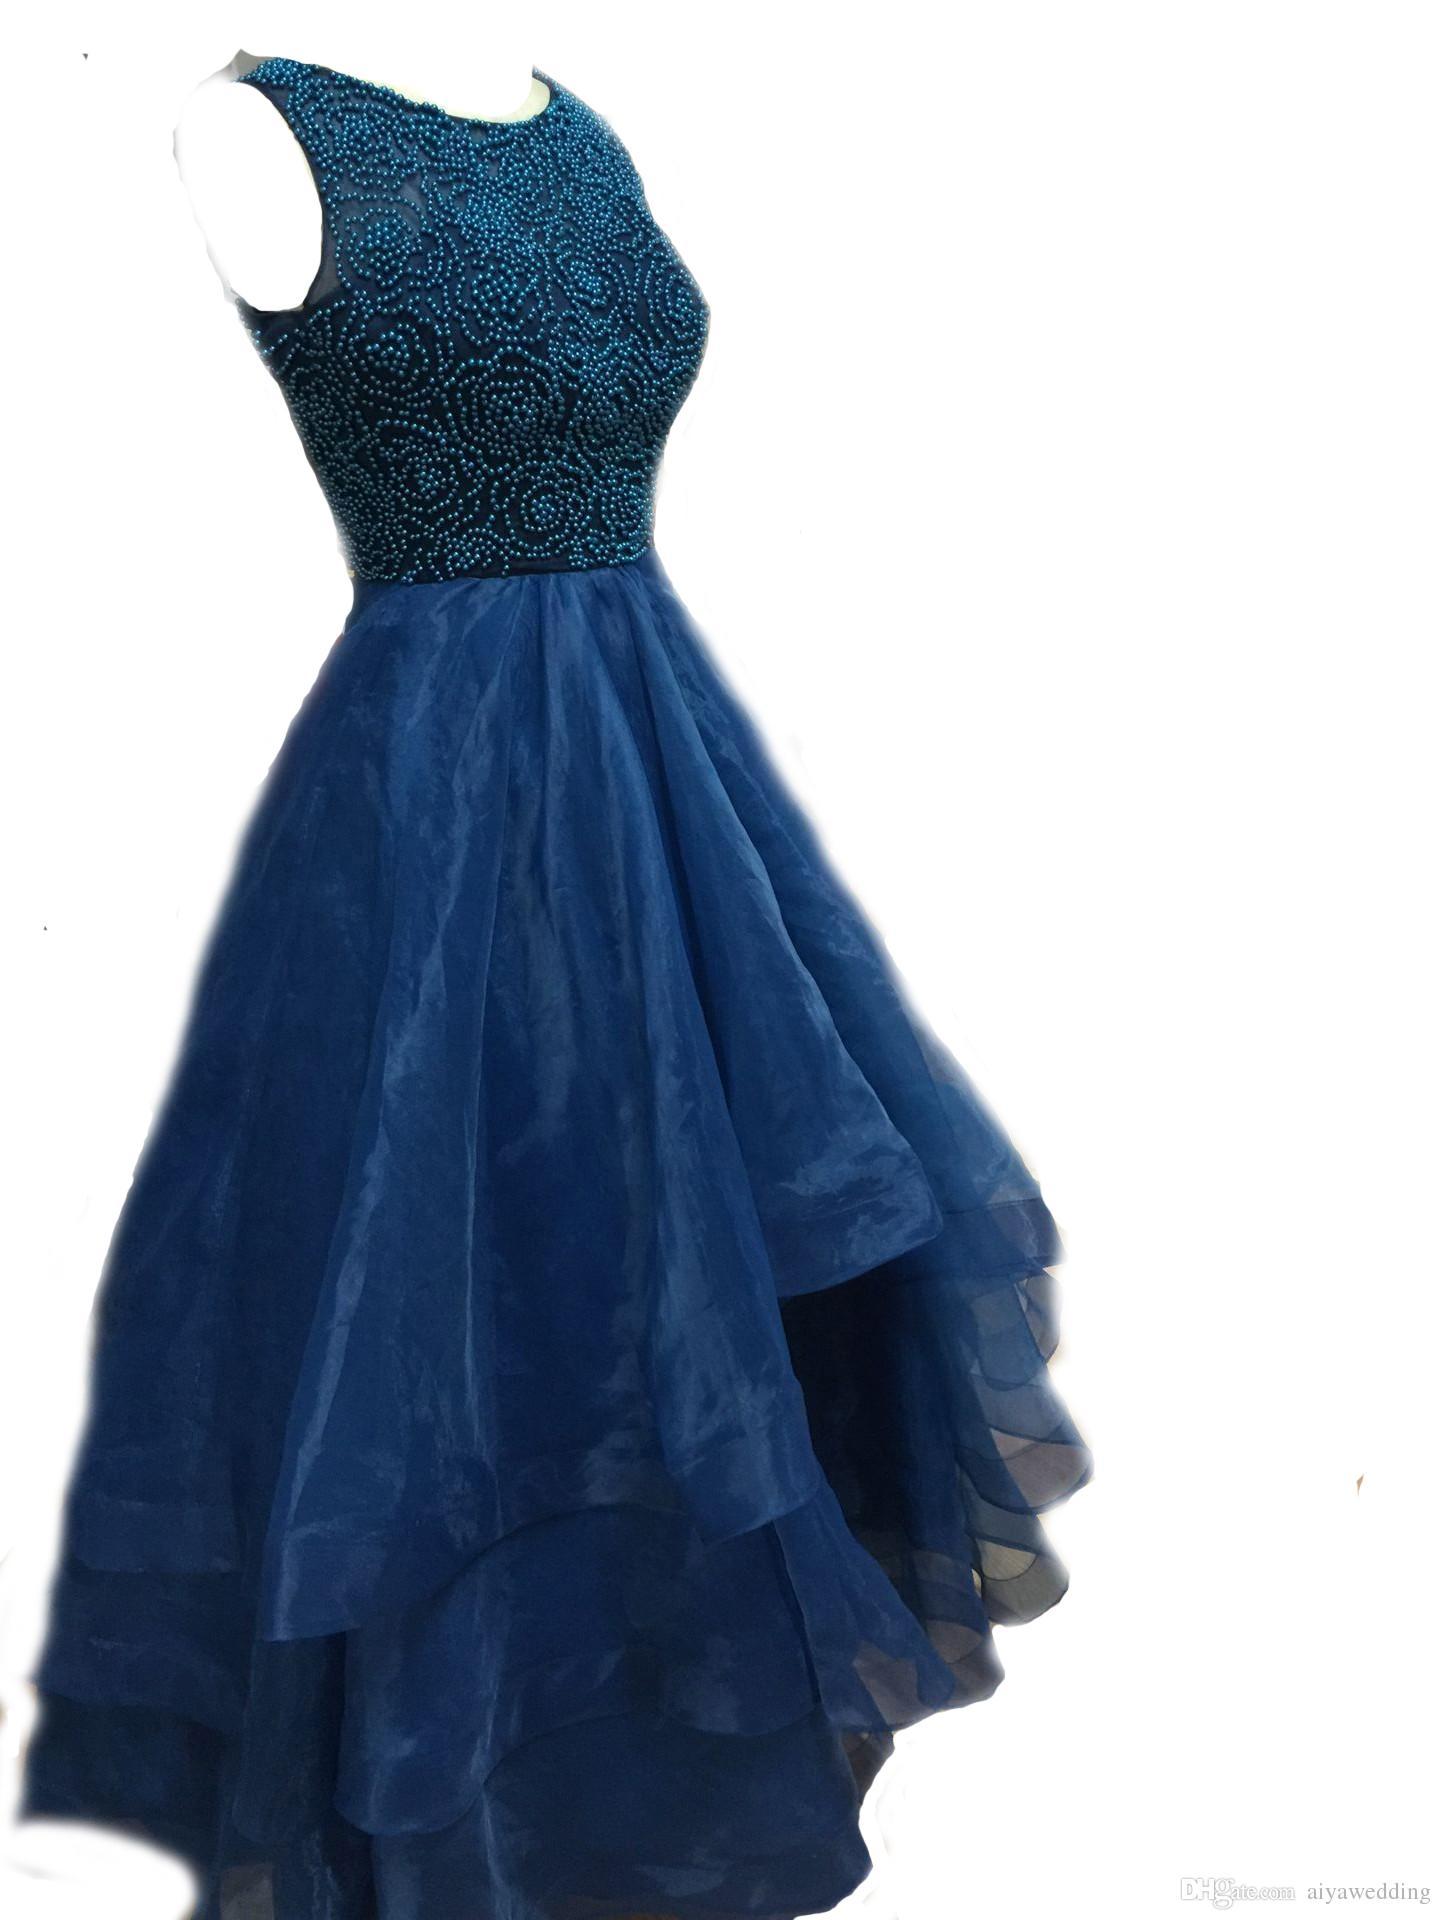 Lila Perlen Lange Ballkleider Eine Linie Organza Juwel Bodenlangen Reißverschluss Abgestuftes Langes Abendkleid Formelles Kleid